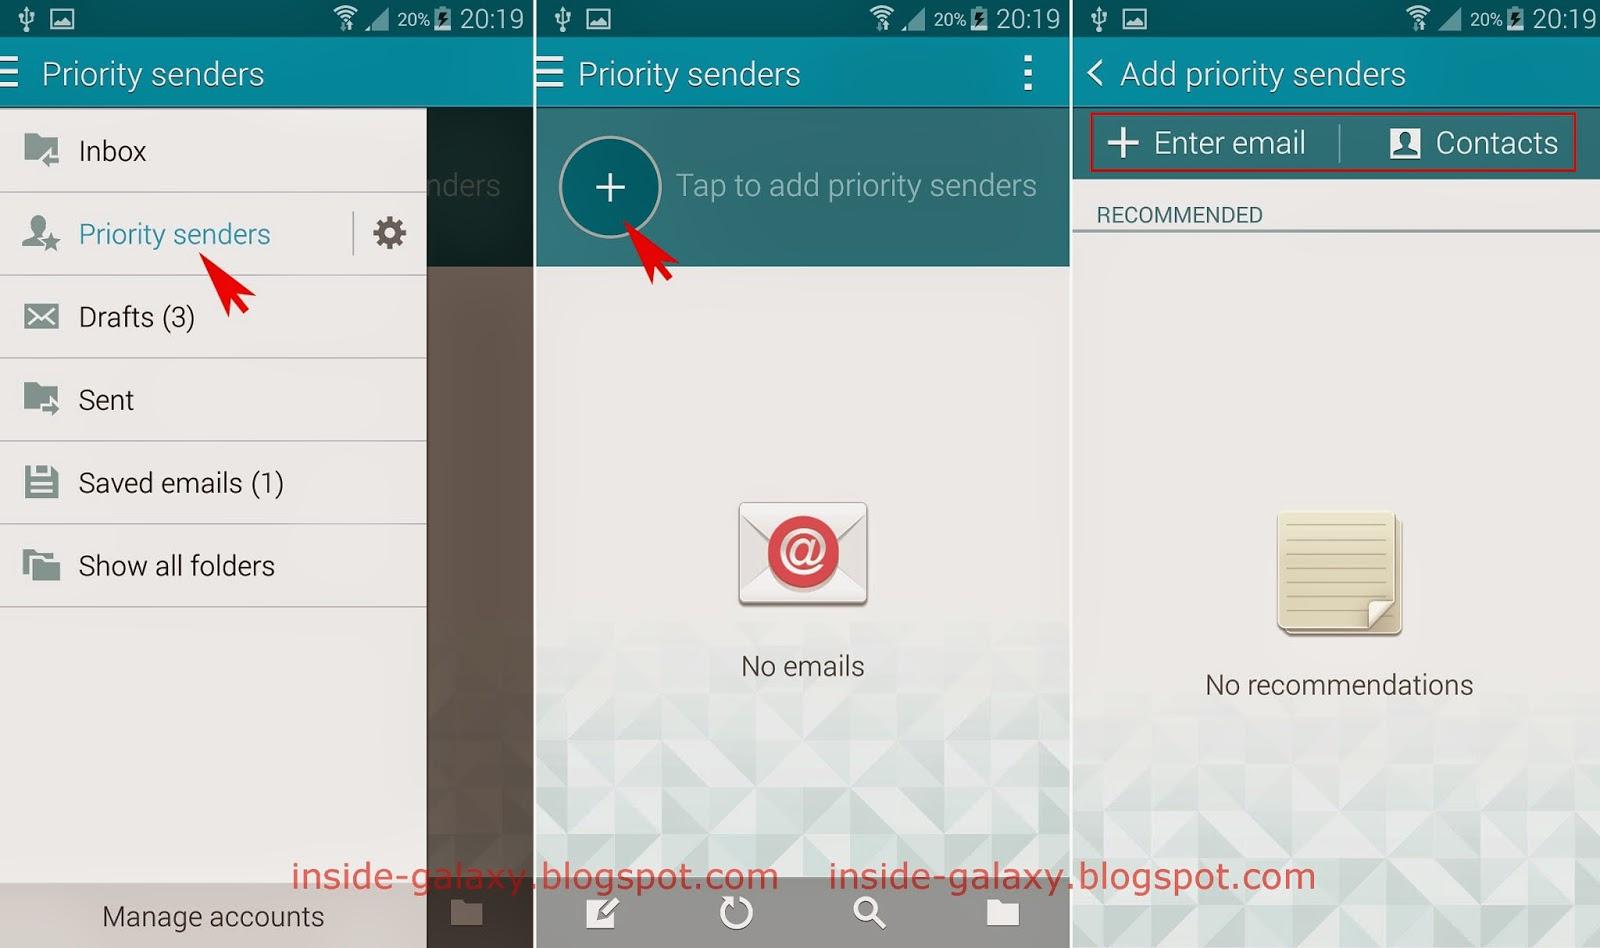 Priority List App The Priority Senders List